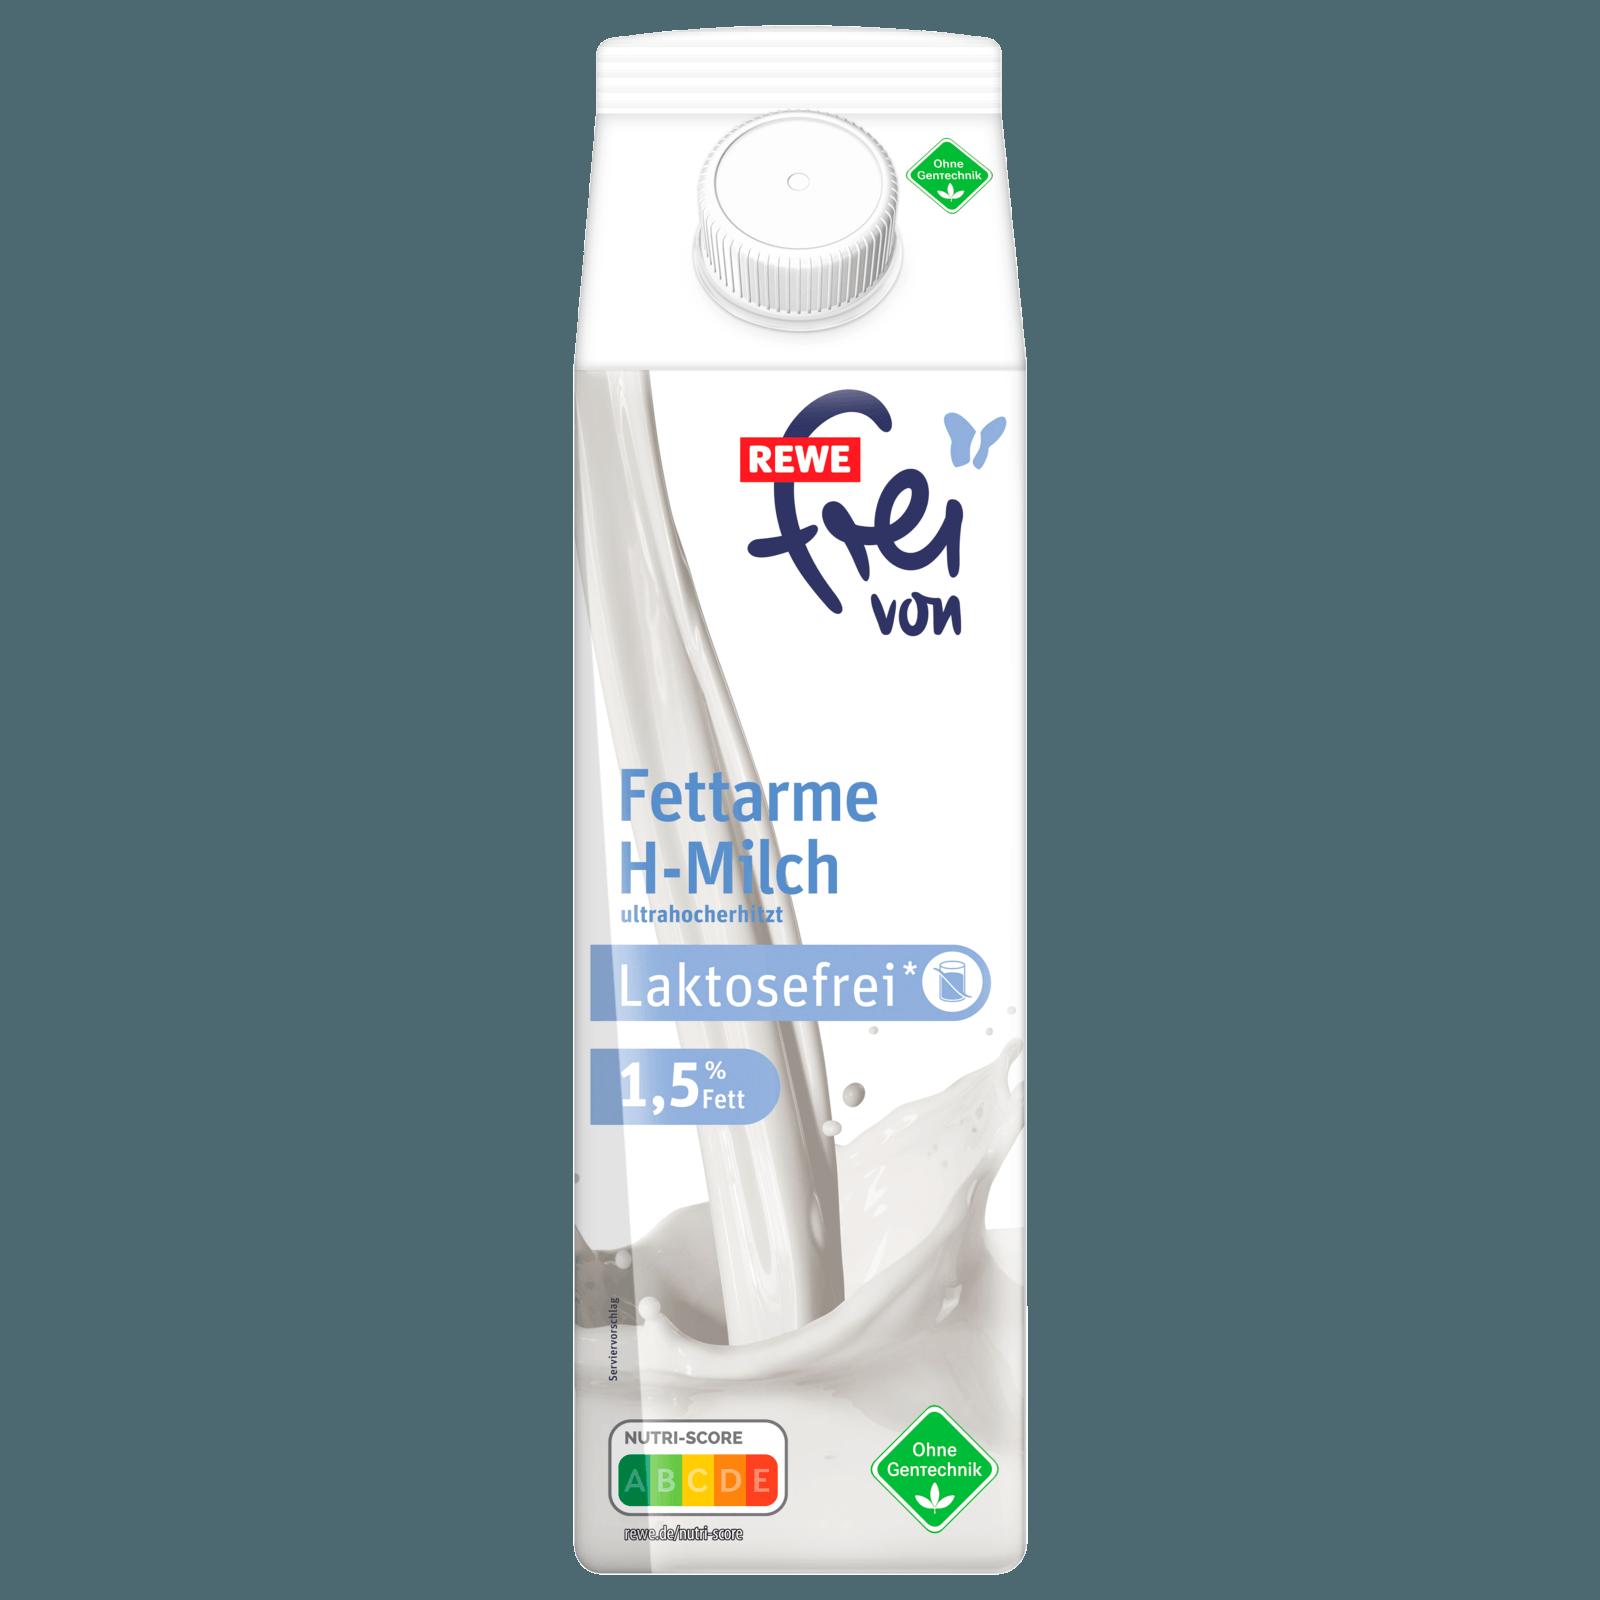 REWE Frei von Fettarme H-Milch laktosefrei 1,5% 1l